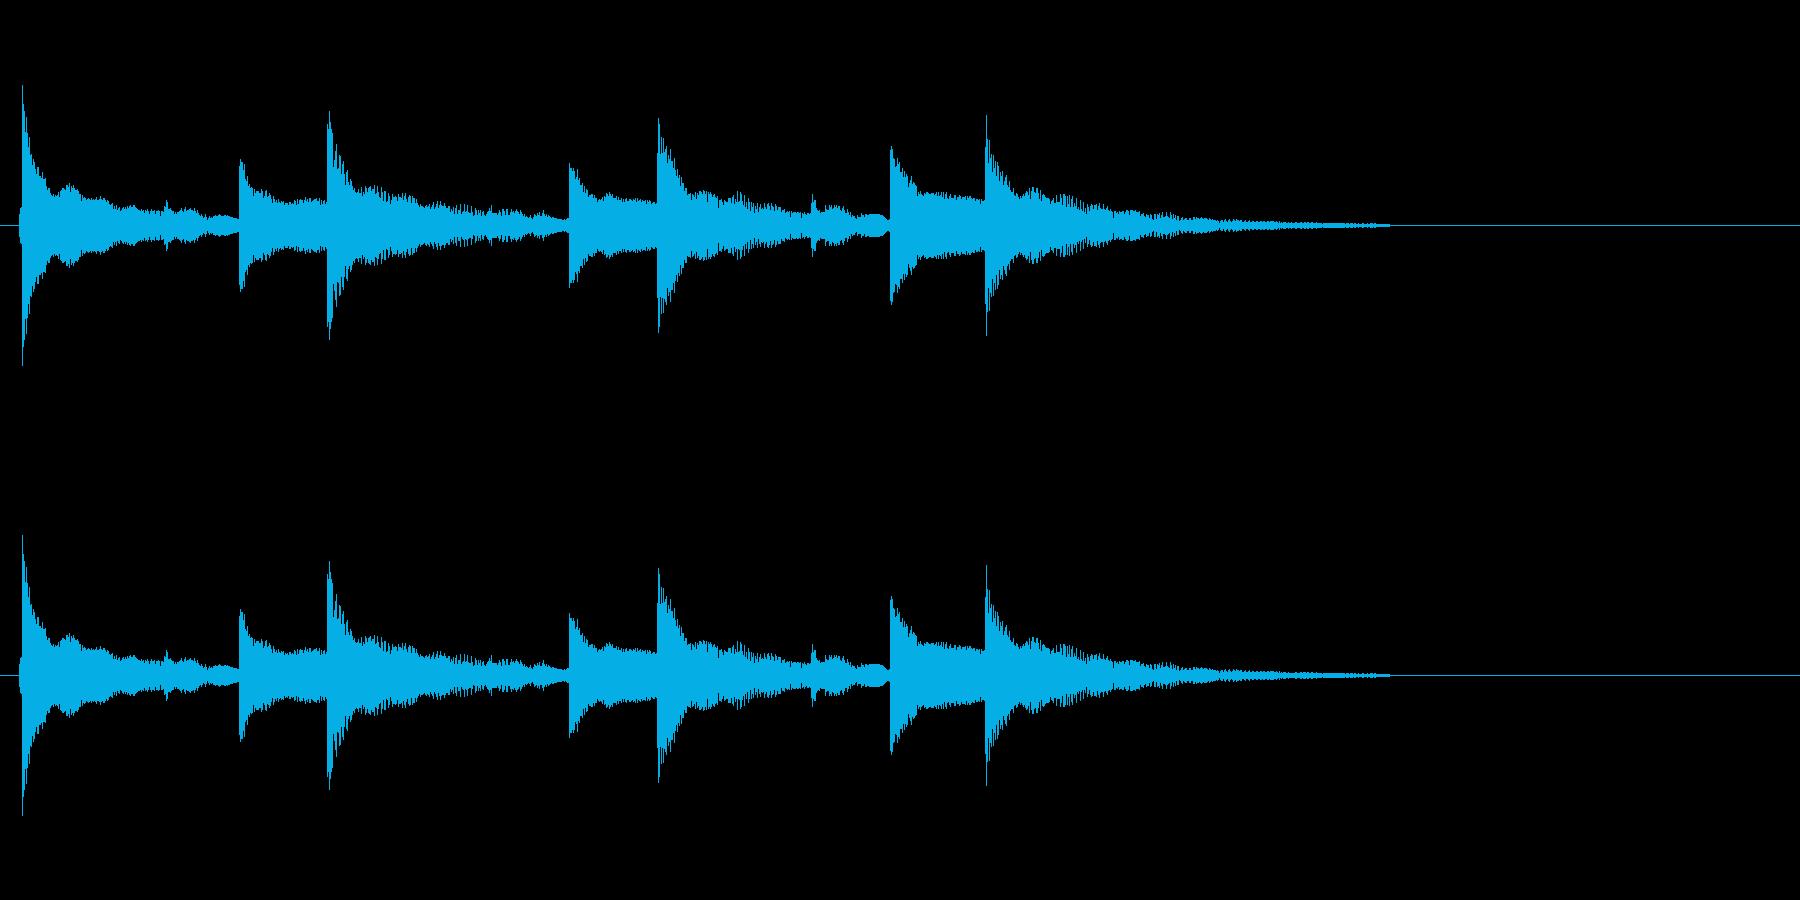 「ちゃららら×3+ら〜」ウクレレアラームの再生済みの波形